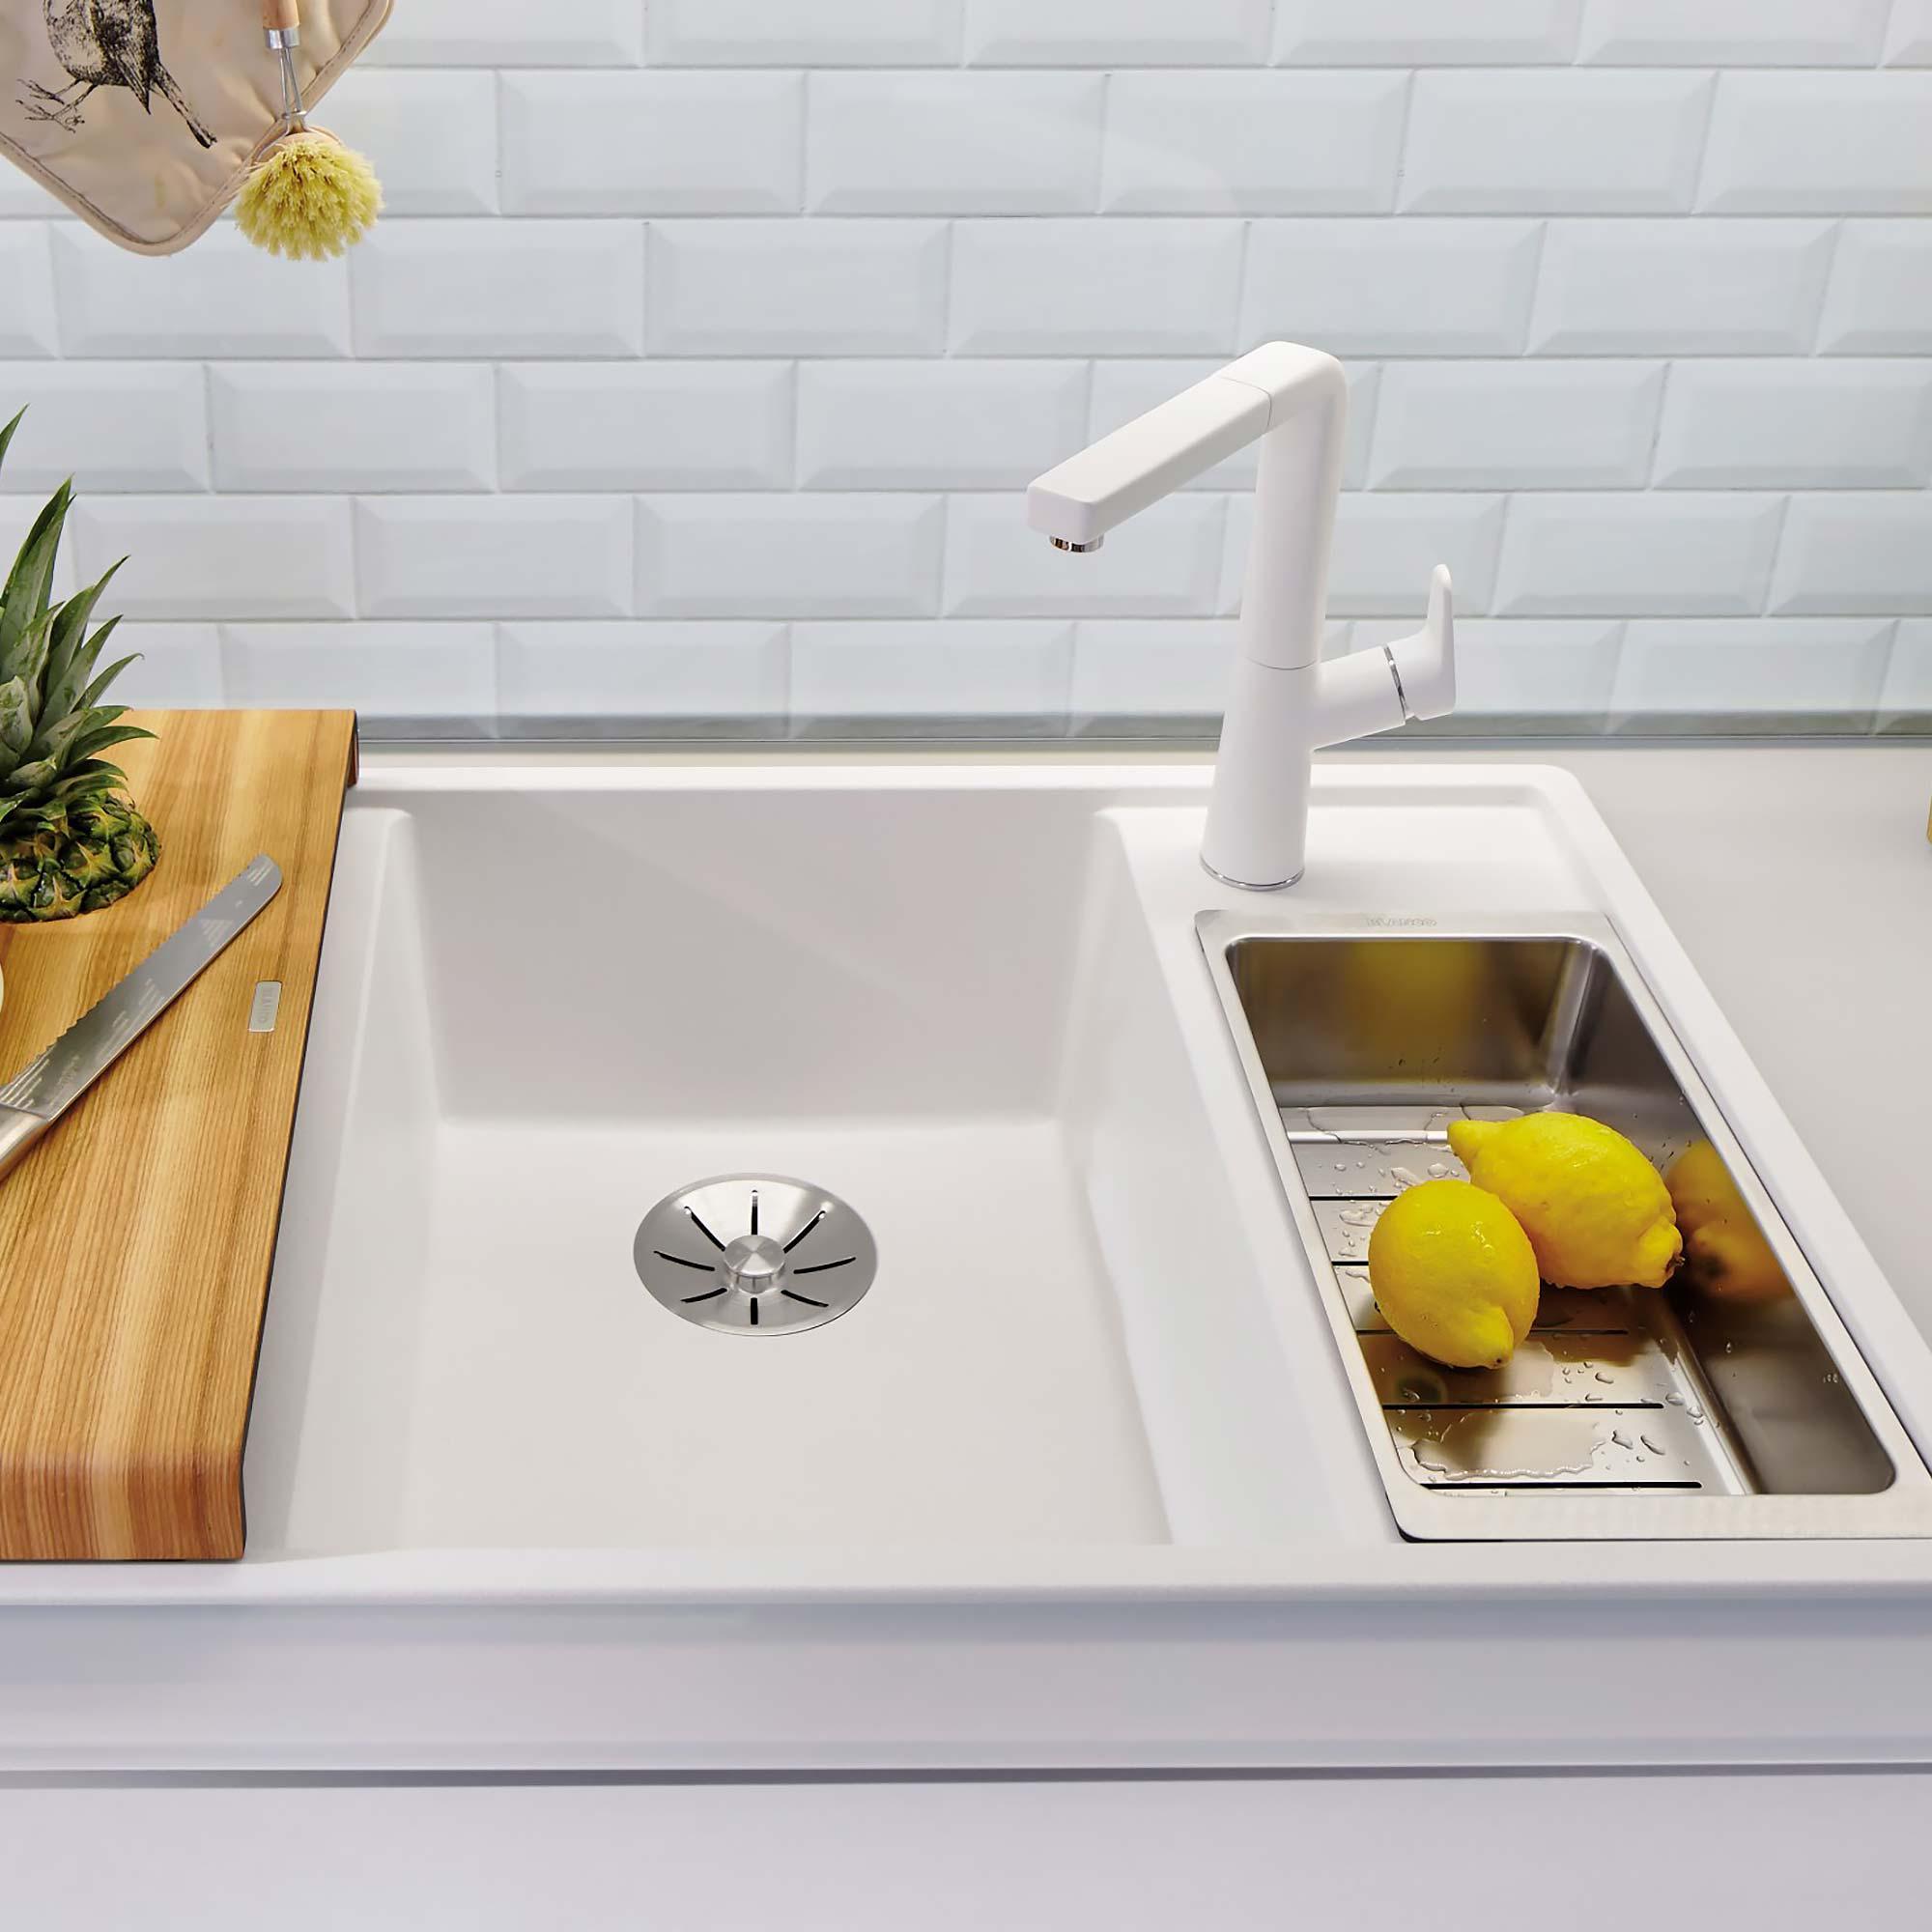 Blanco kitchen sink white